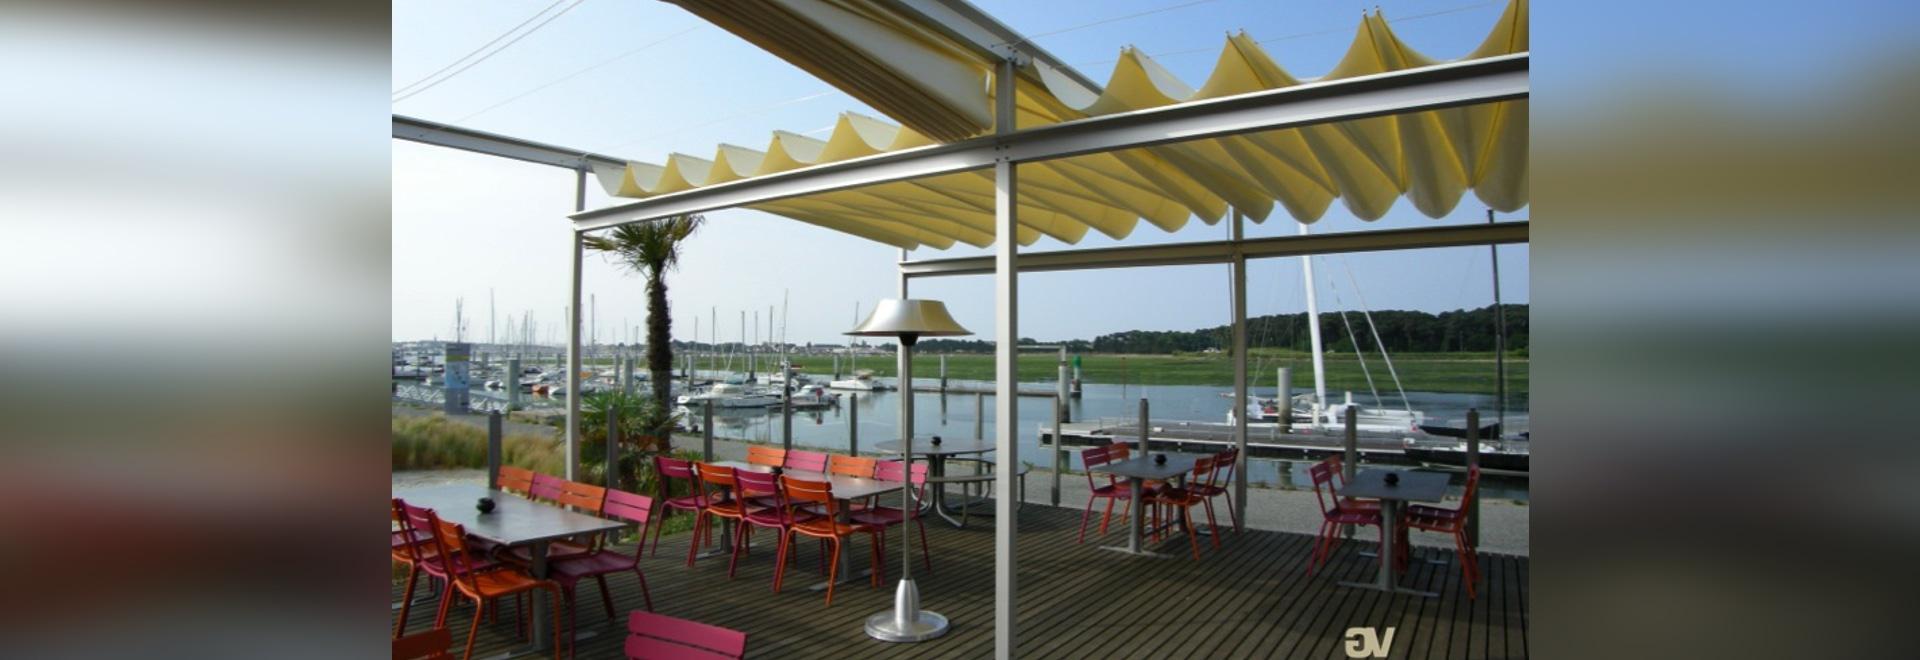 Couverture de terrasse en toile rétractable - Bordeaux ...